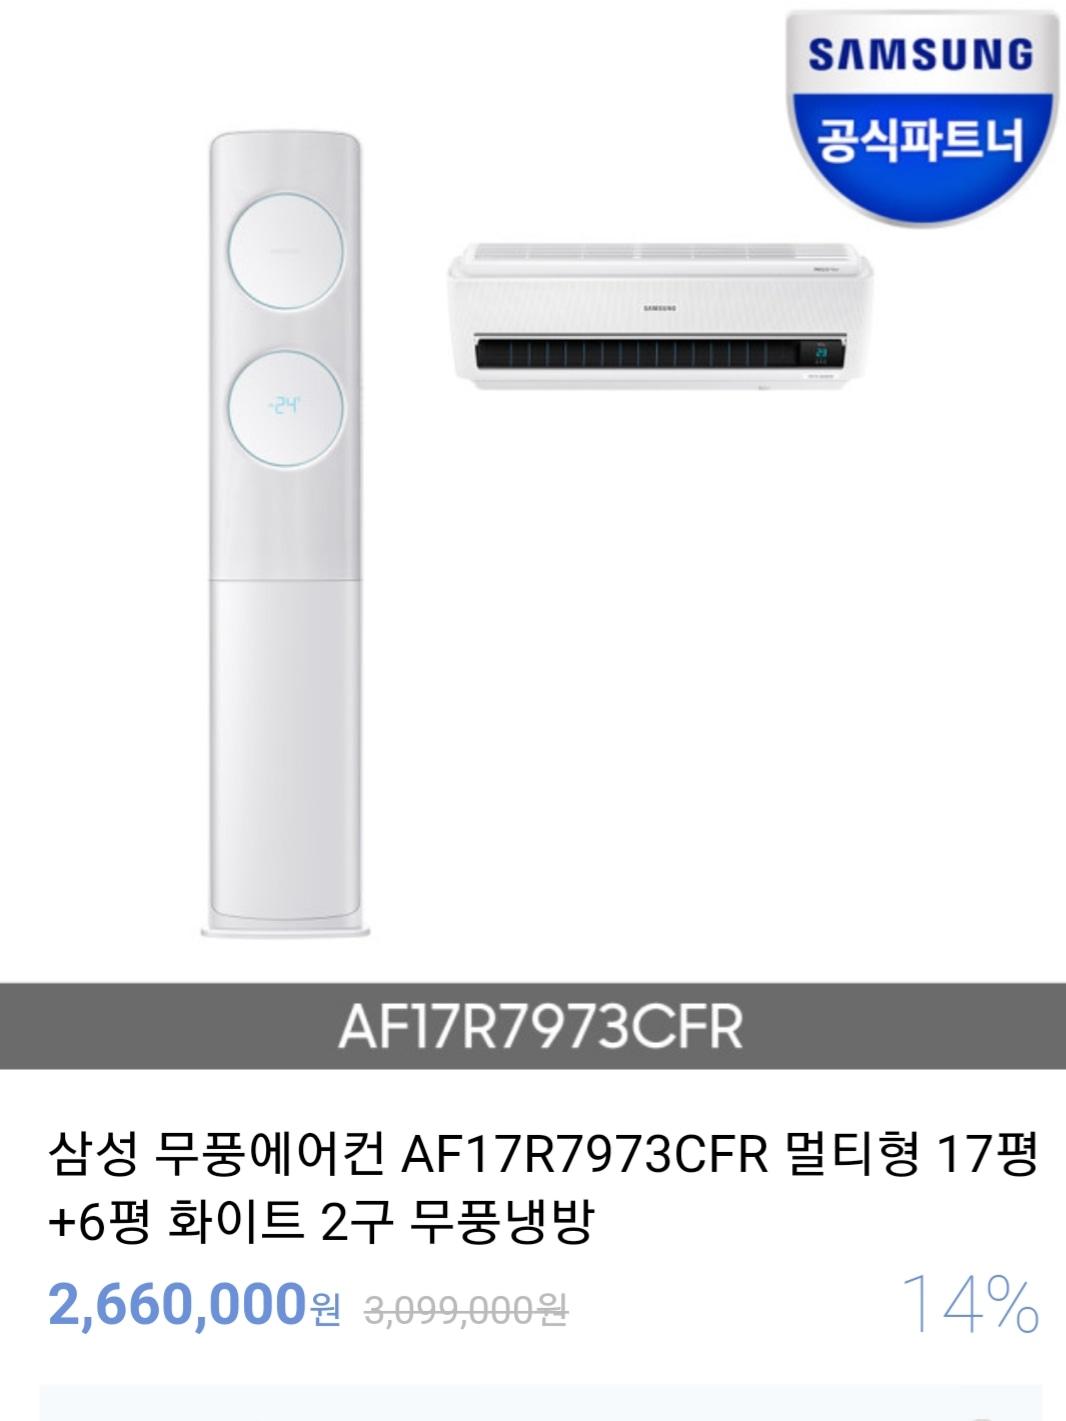 삼성 무풍 벽걸이 19년형 최신형 새것